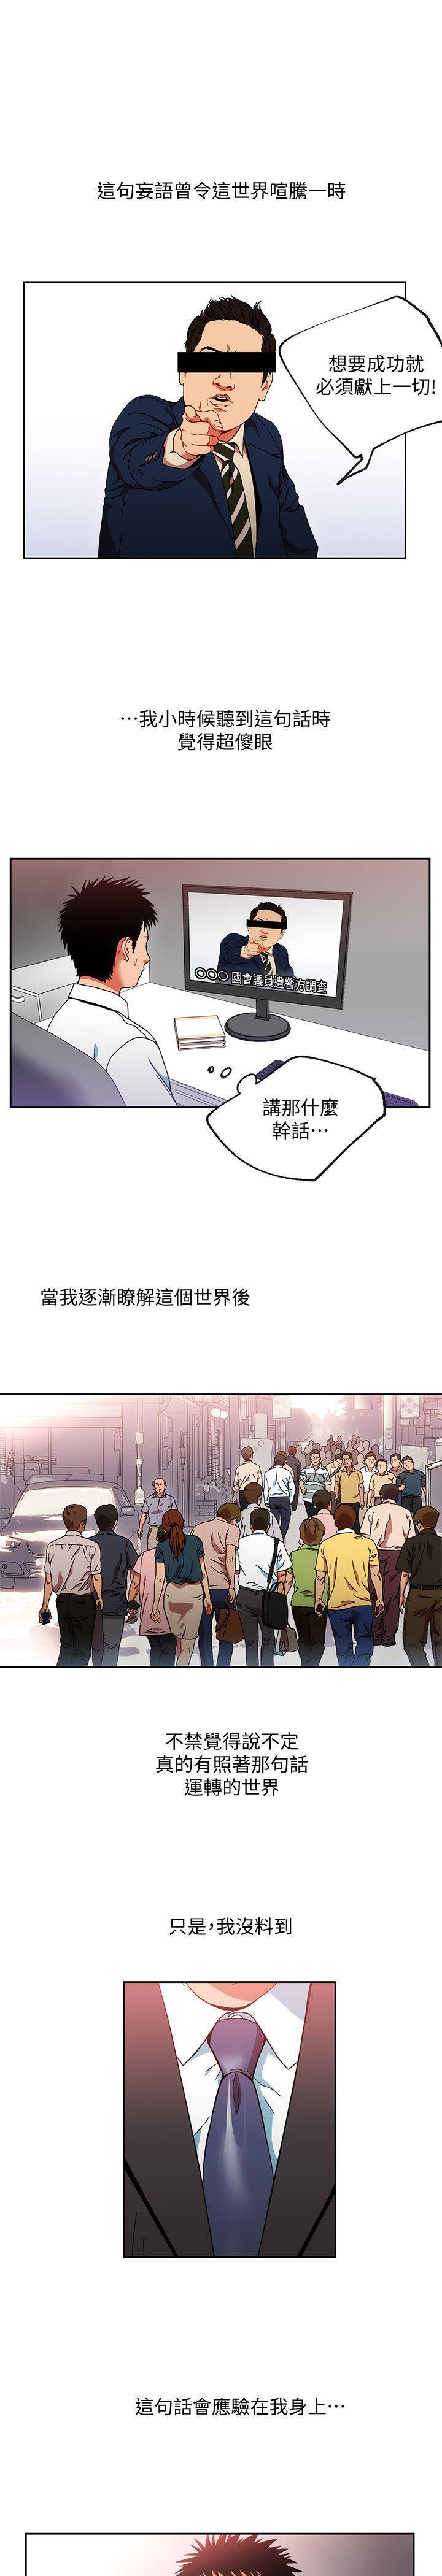 韩漫玩转女上司漫画完整版